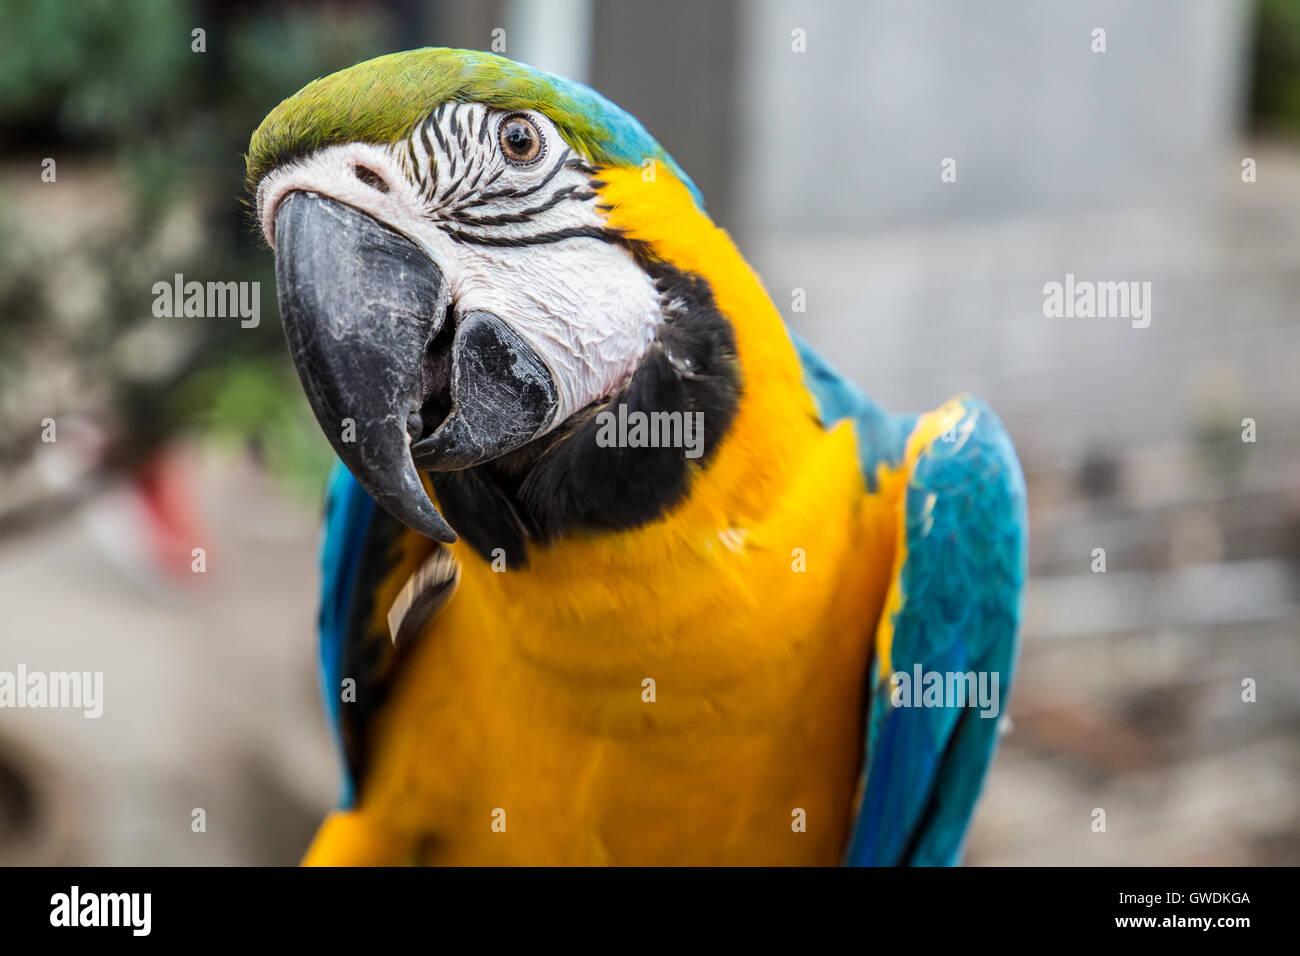 Parrot en el mercado de pájaros de Yuen Po, Mong Kok, Kowloon, Hong Kong Imagen De Stock